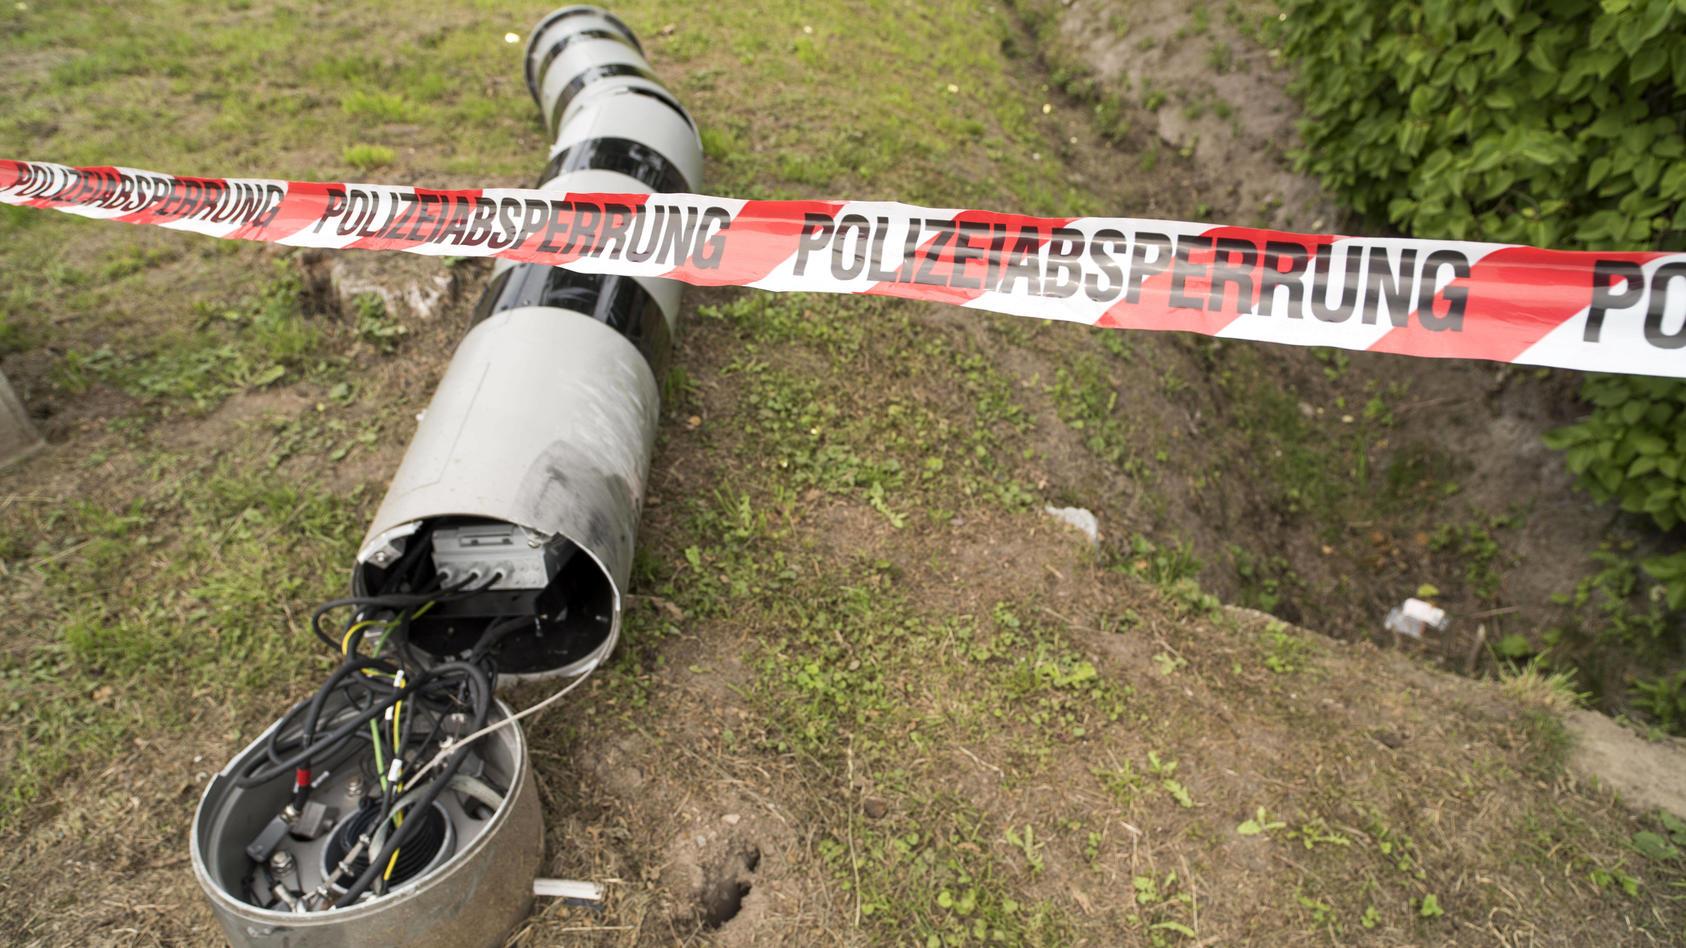 Eine zerstörte Geschwindigkeitsüberwachungsanlage liegt an der Bundesstrasse 105 in Sievershagen, Mecklenburg-Vorpommer